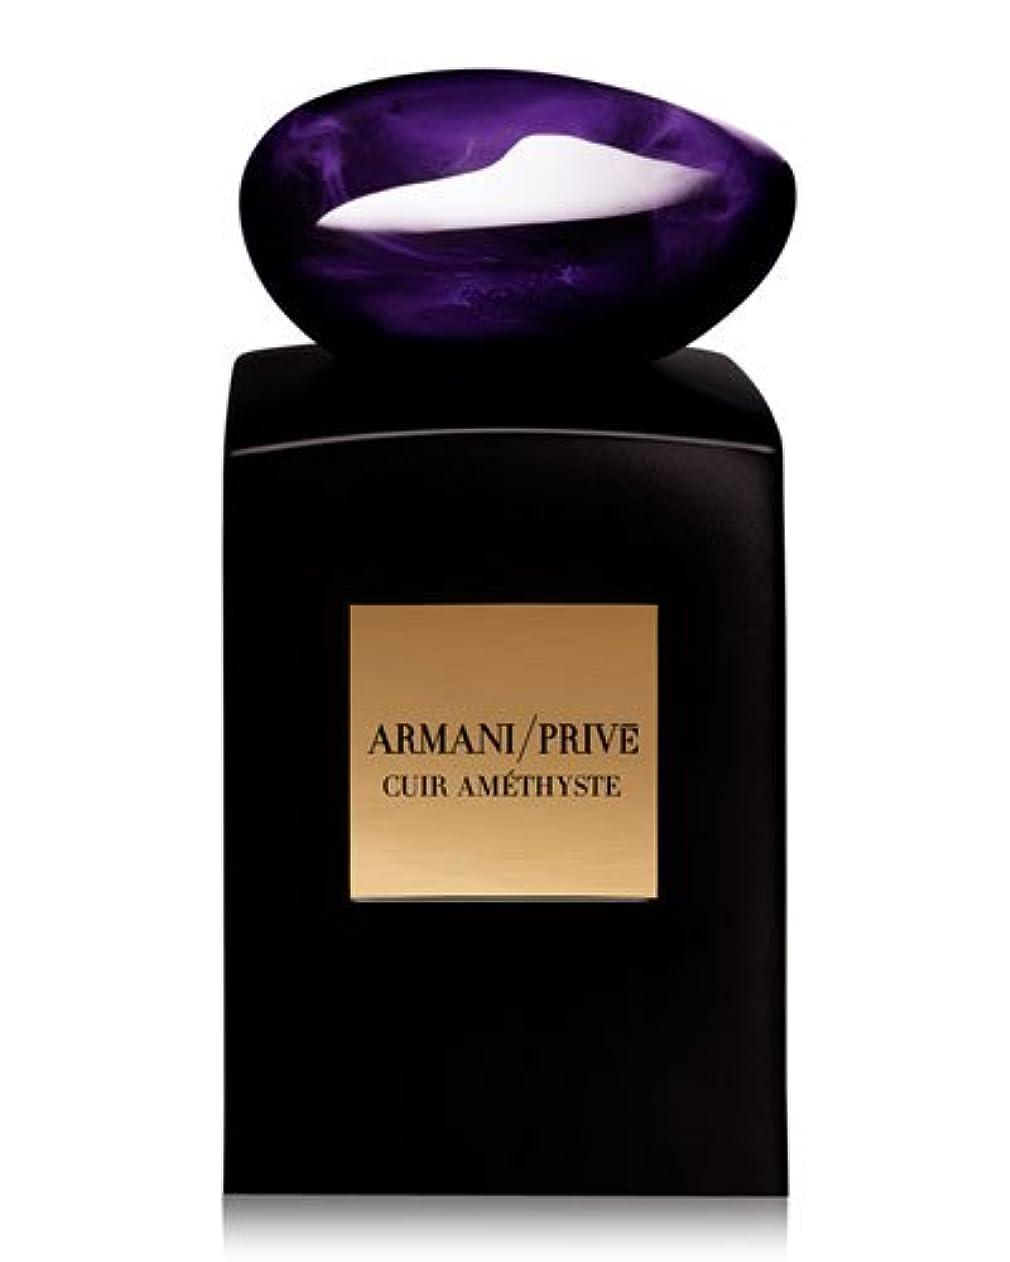 ポーチピッチトロリーバスArmani Prive Cuir Amethyste (アルマーニ プリベ キュア アメジスト) 3.4 oz (100ml) EDP Spray by Giorgio Armani for Men